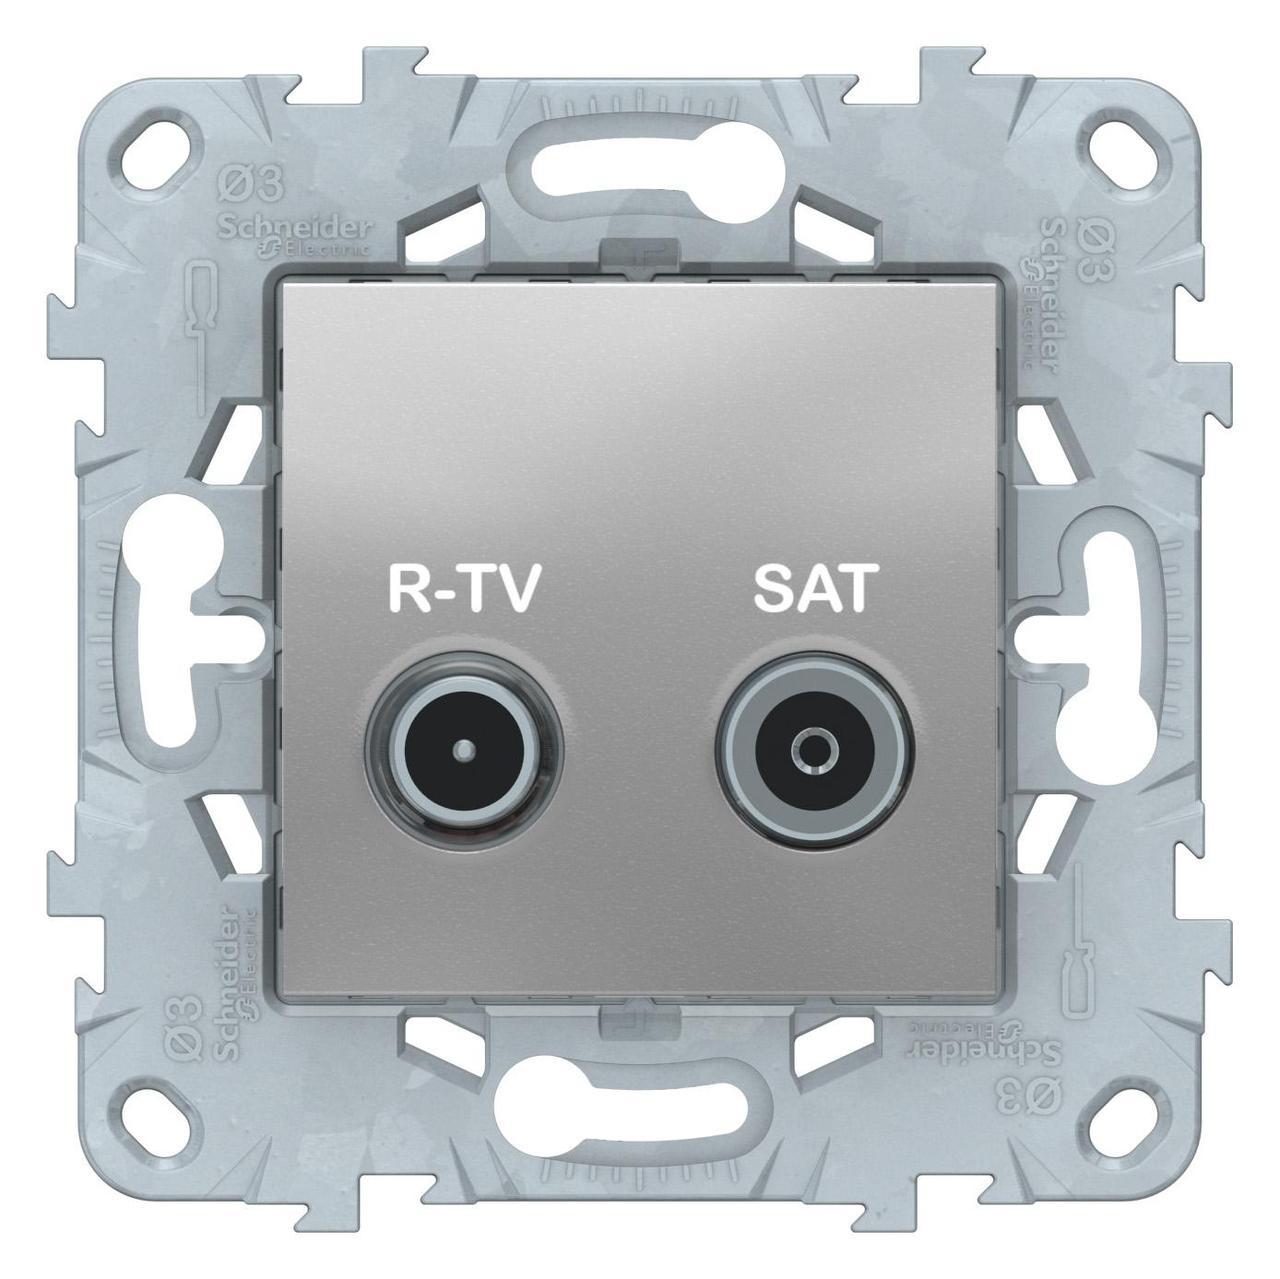 Розетка телевизионная проходная ТV-SAT , Алюминий, серия Unica New, Schneider Electric